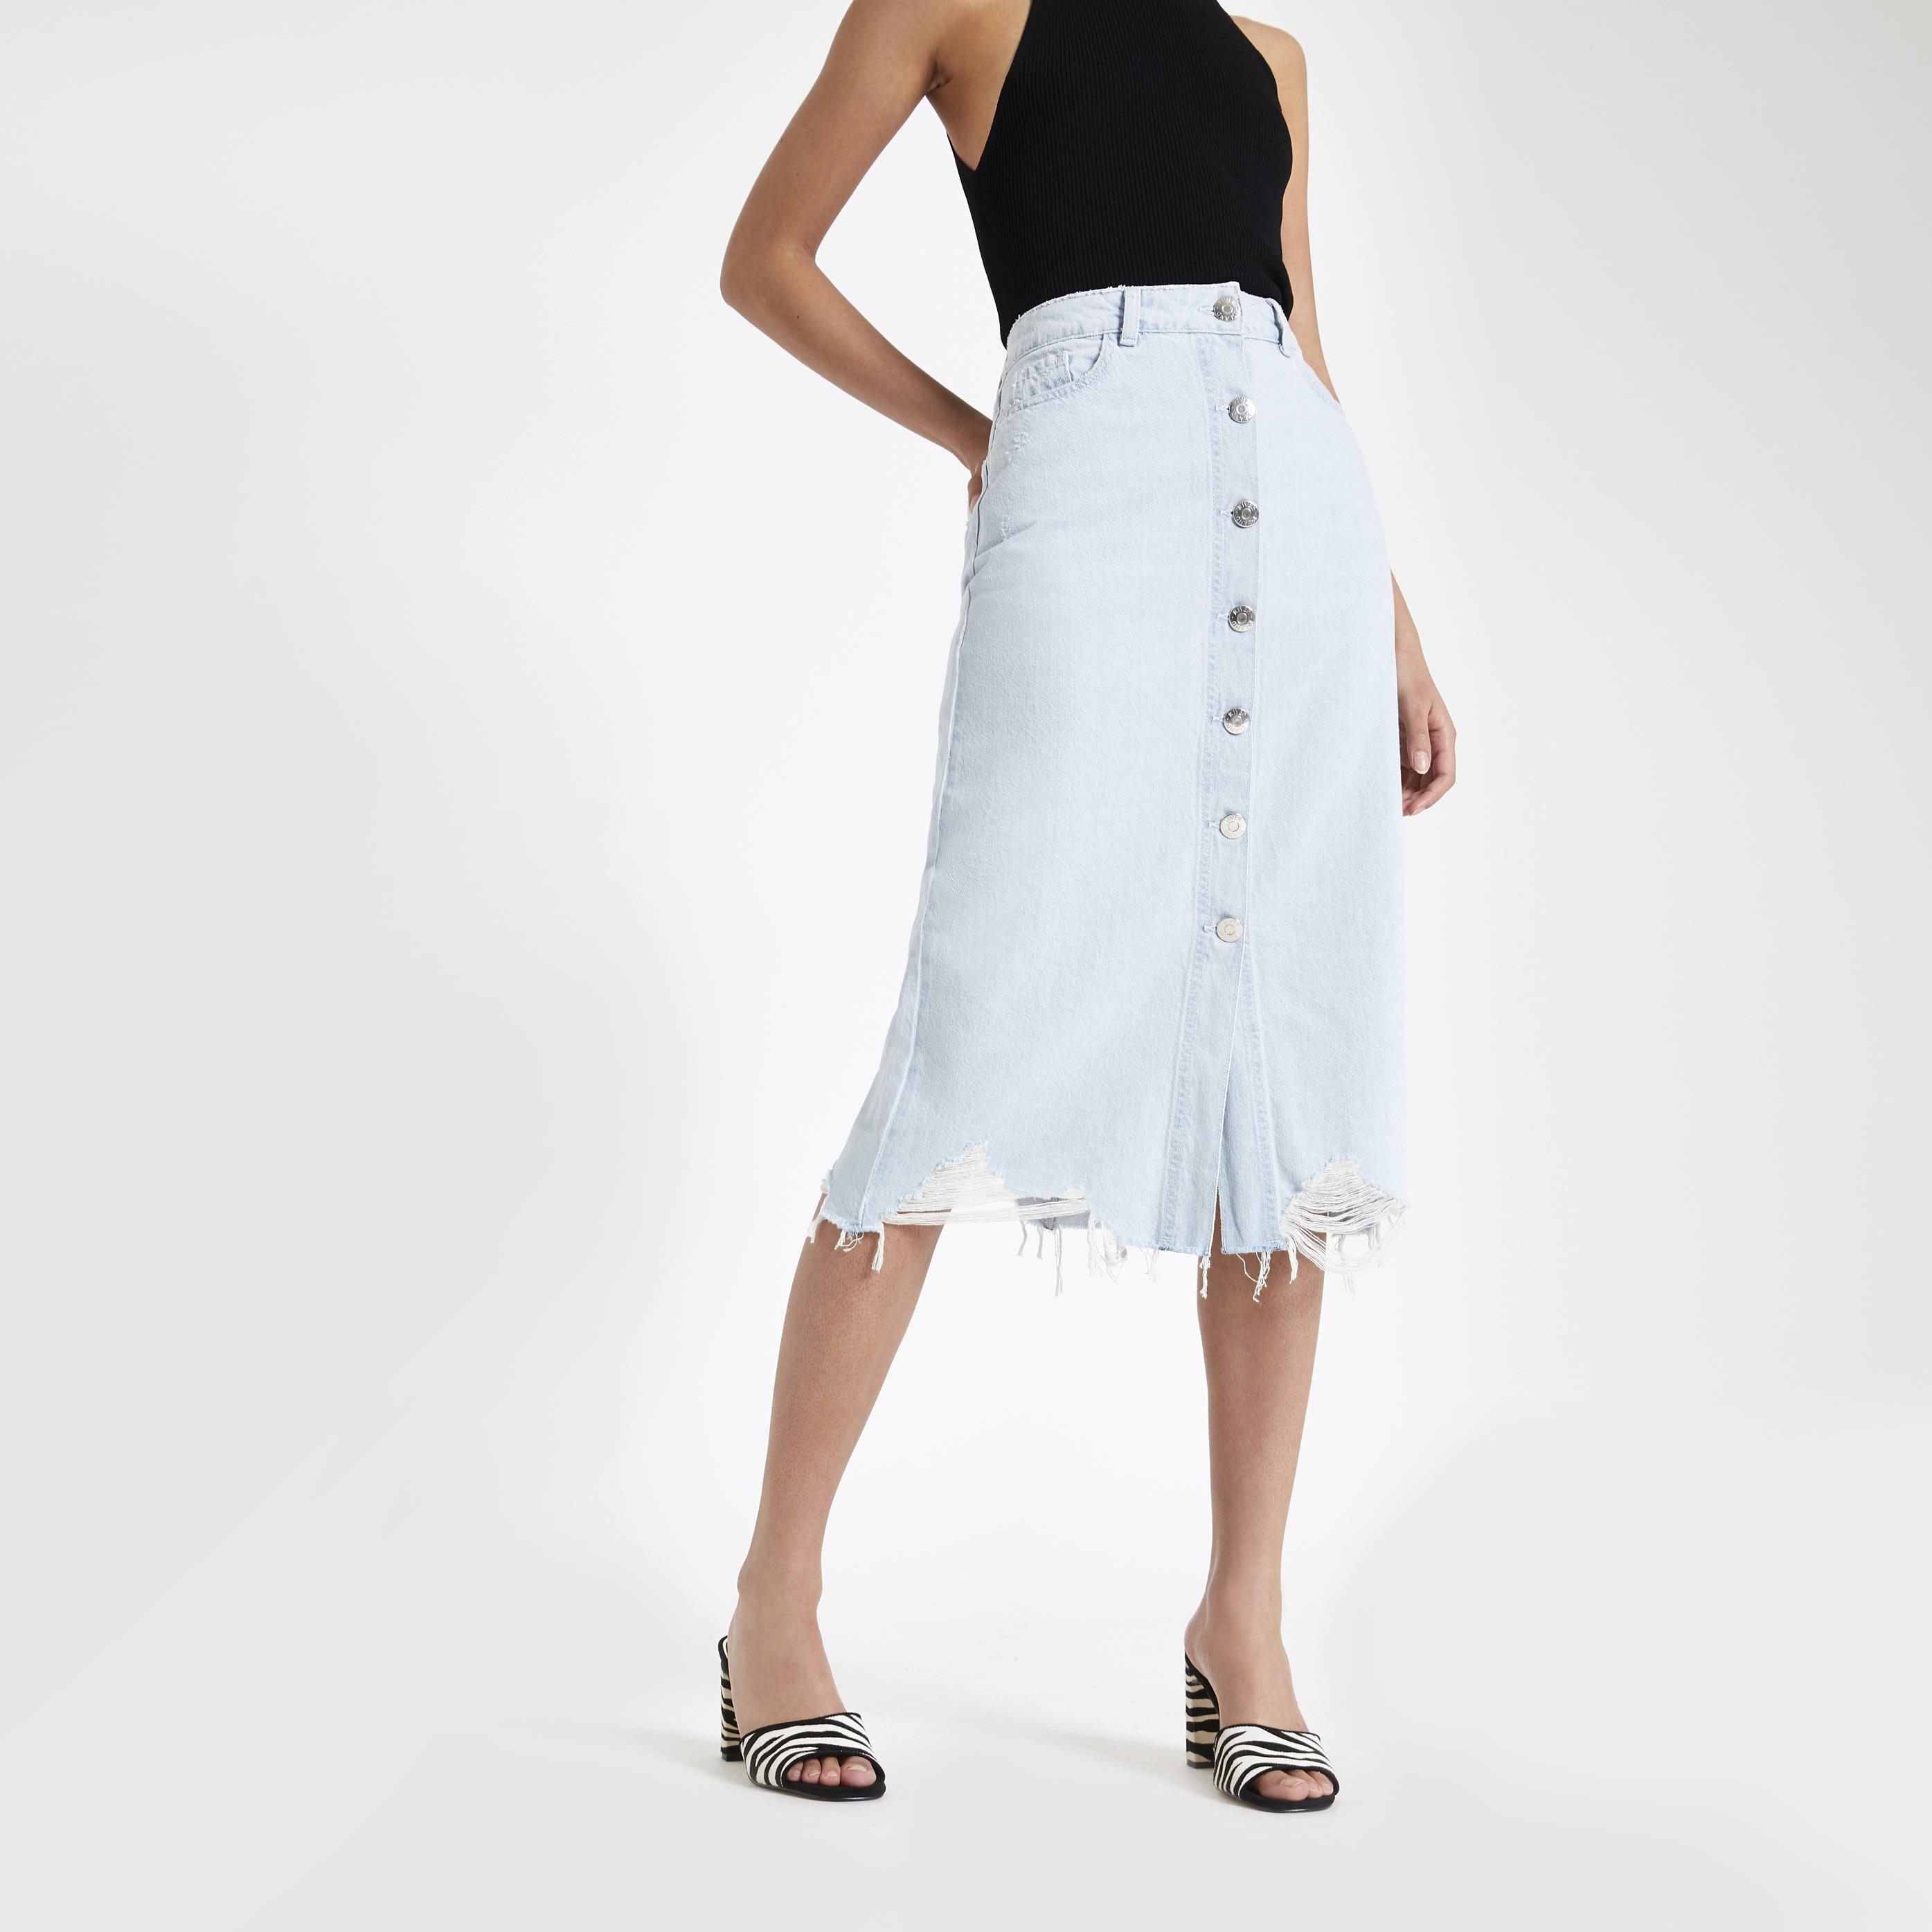 eca021a8d Button Down Denim Pencil Skirt - raveitsafe